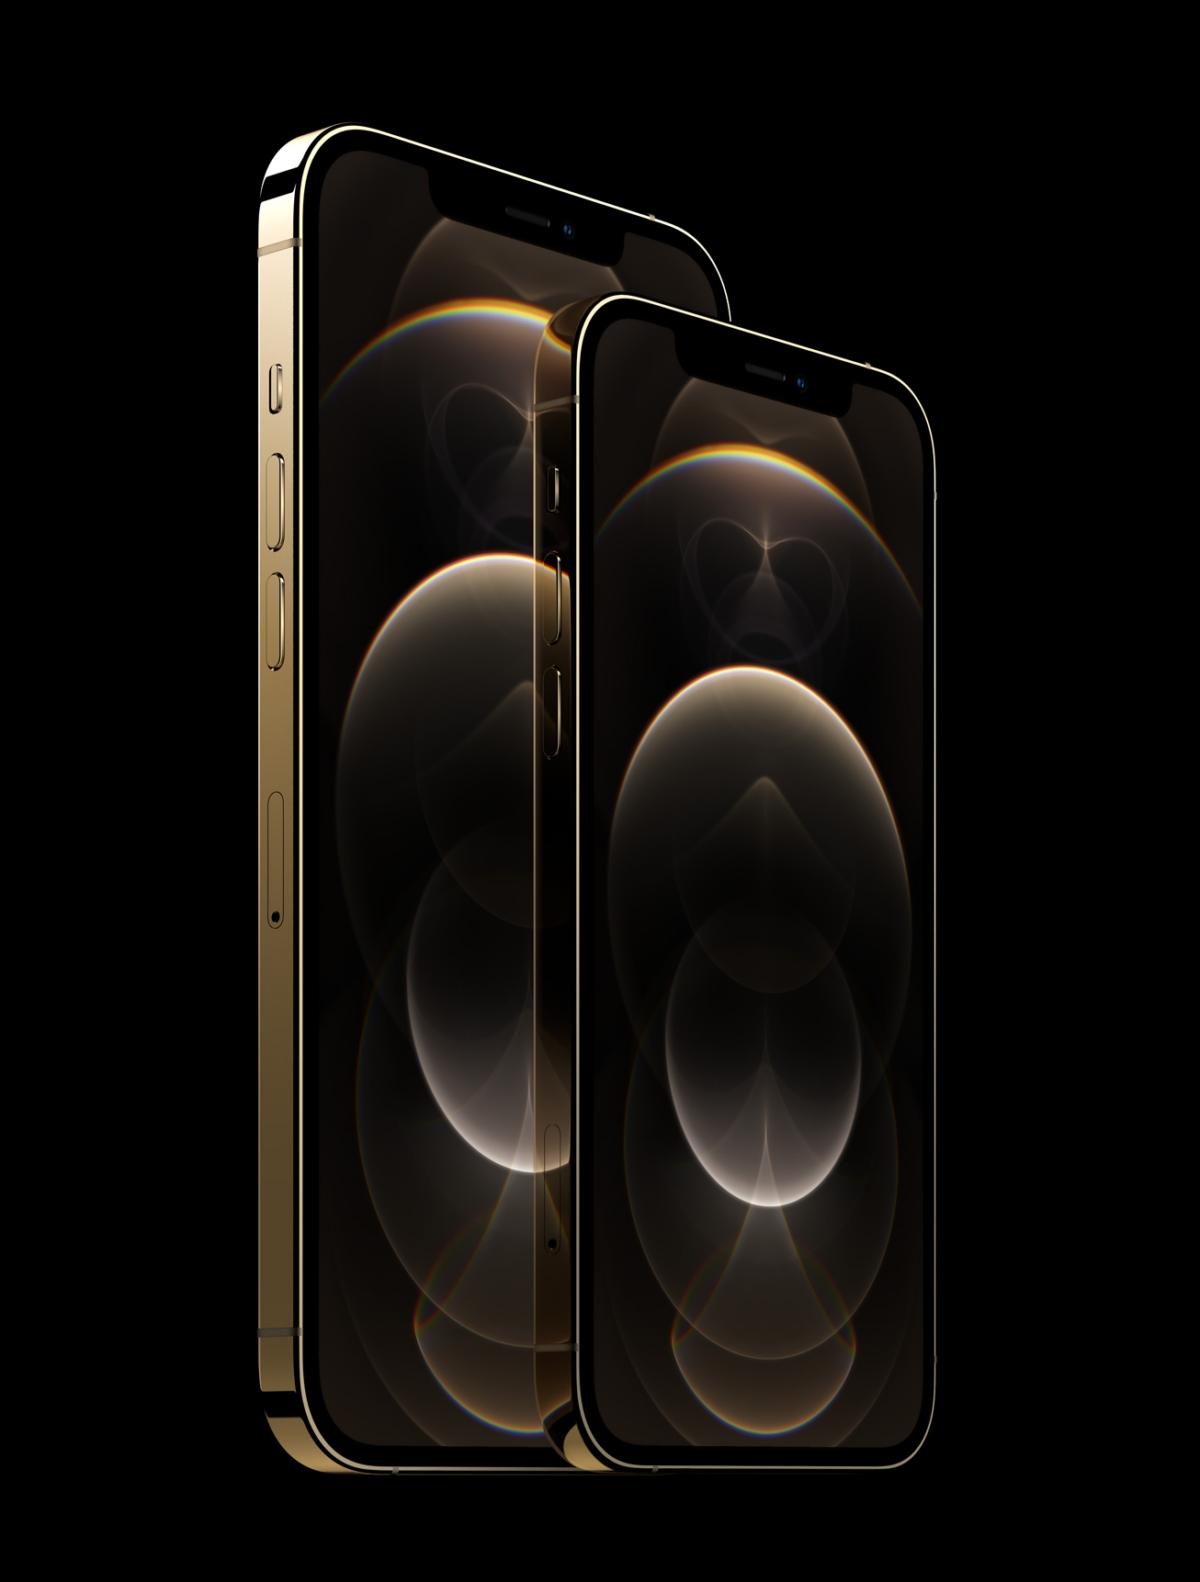 애플 아이폰12 프로 (사진: 애플)